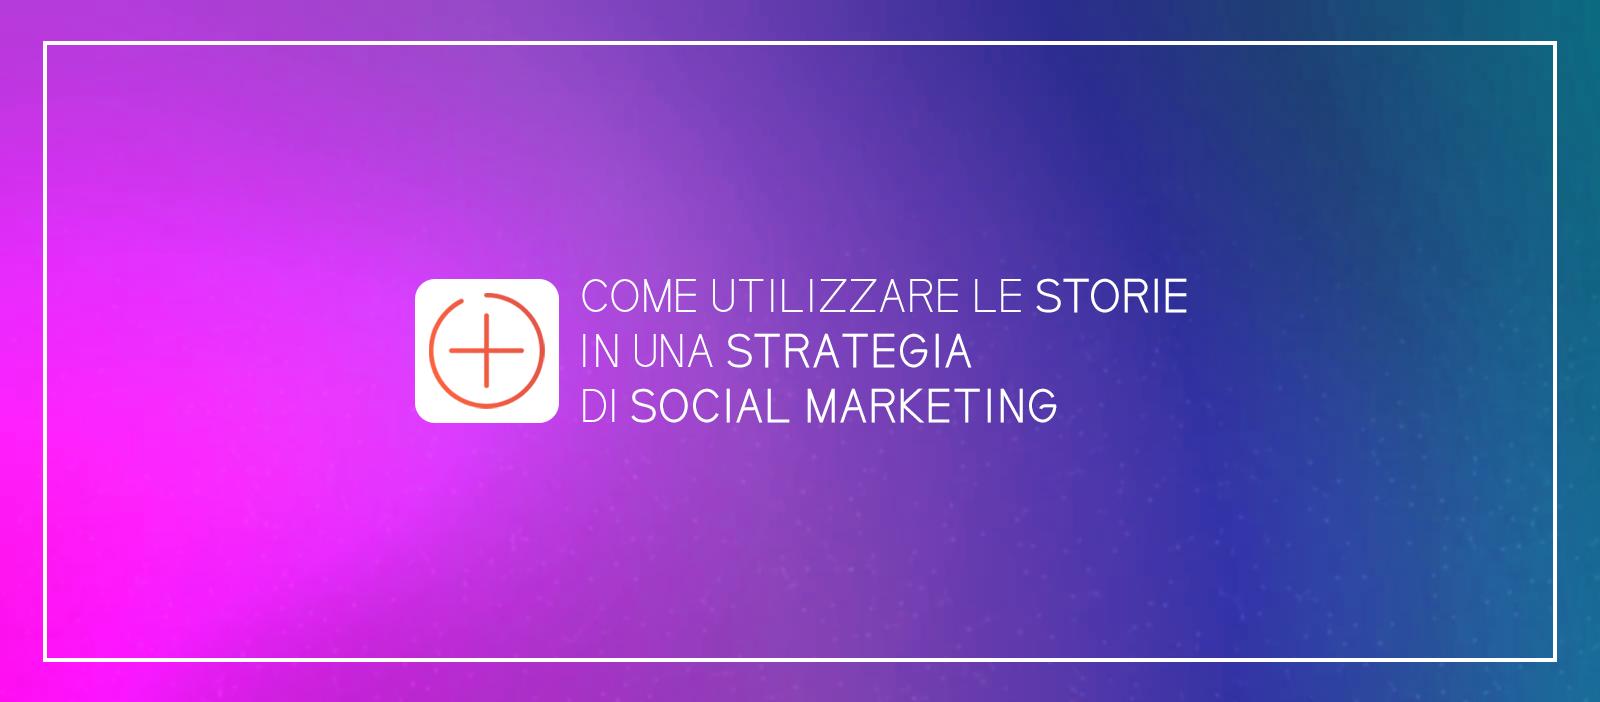 Come utilizzare le storie in una strategia di social marketing